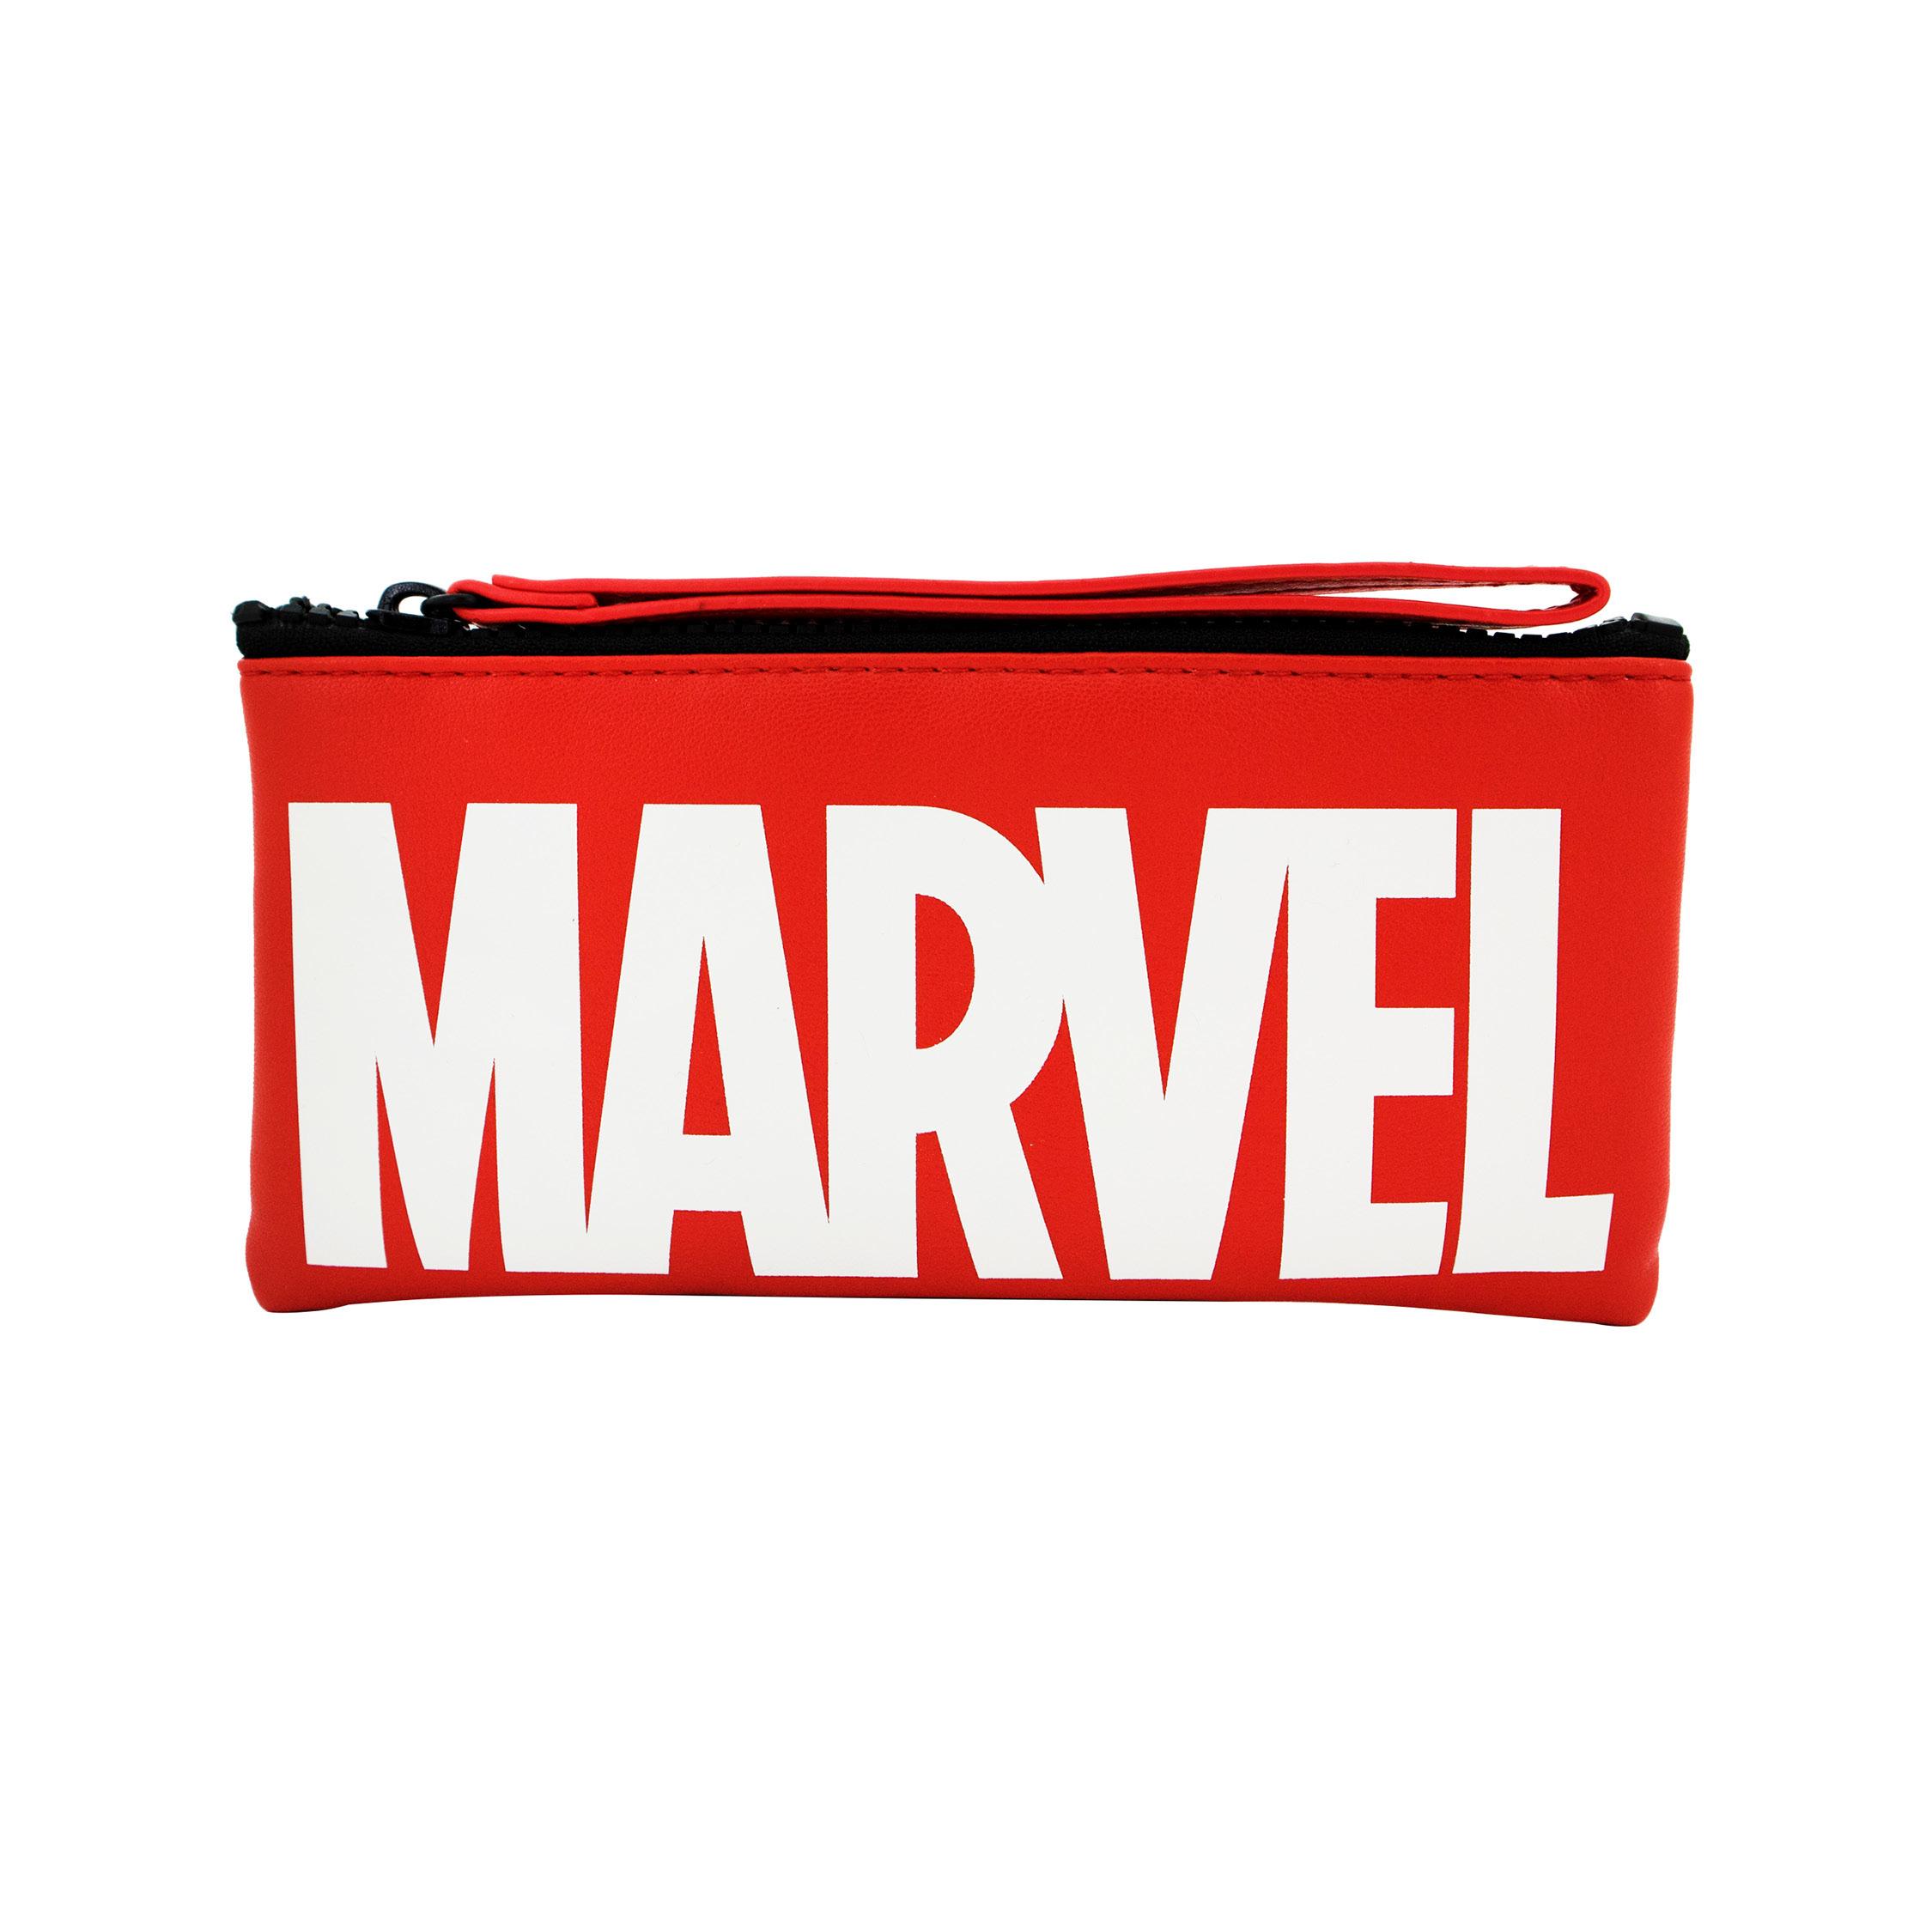 Marvel-Avengers-MarvelSingleZipPencilPouch-1.jpg